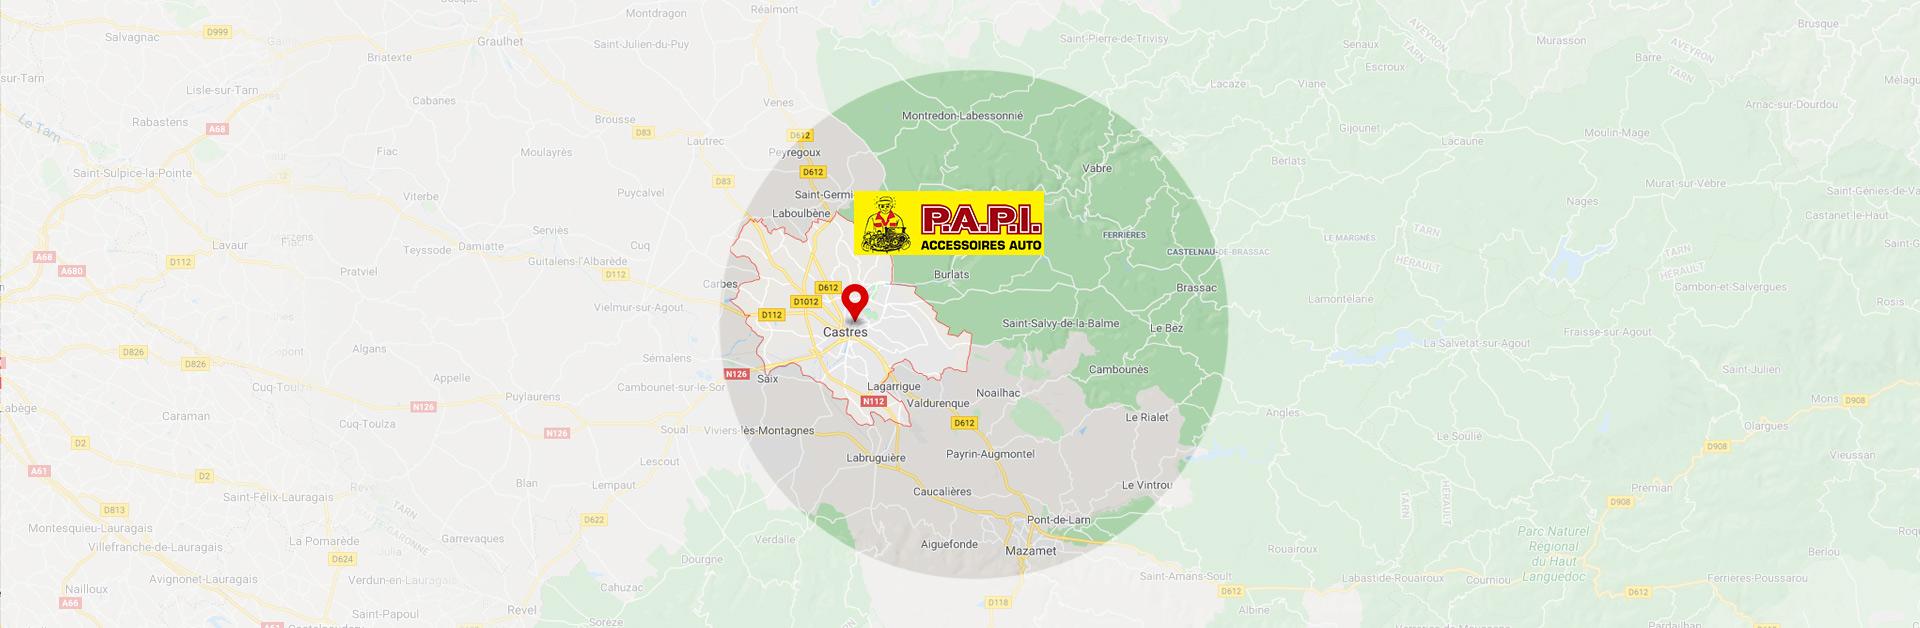 nos produits et pièces détachées dans un rayon de 25 km autour de Castres | Papi Accessoires Auto